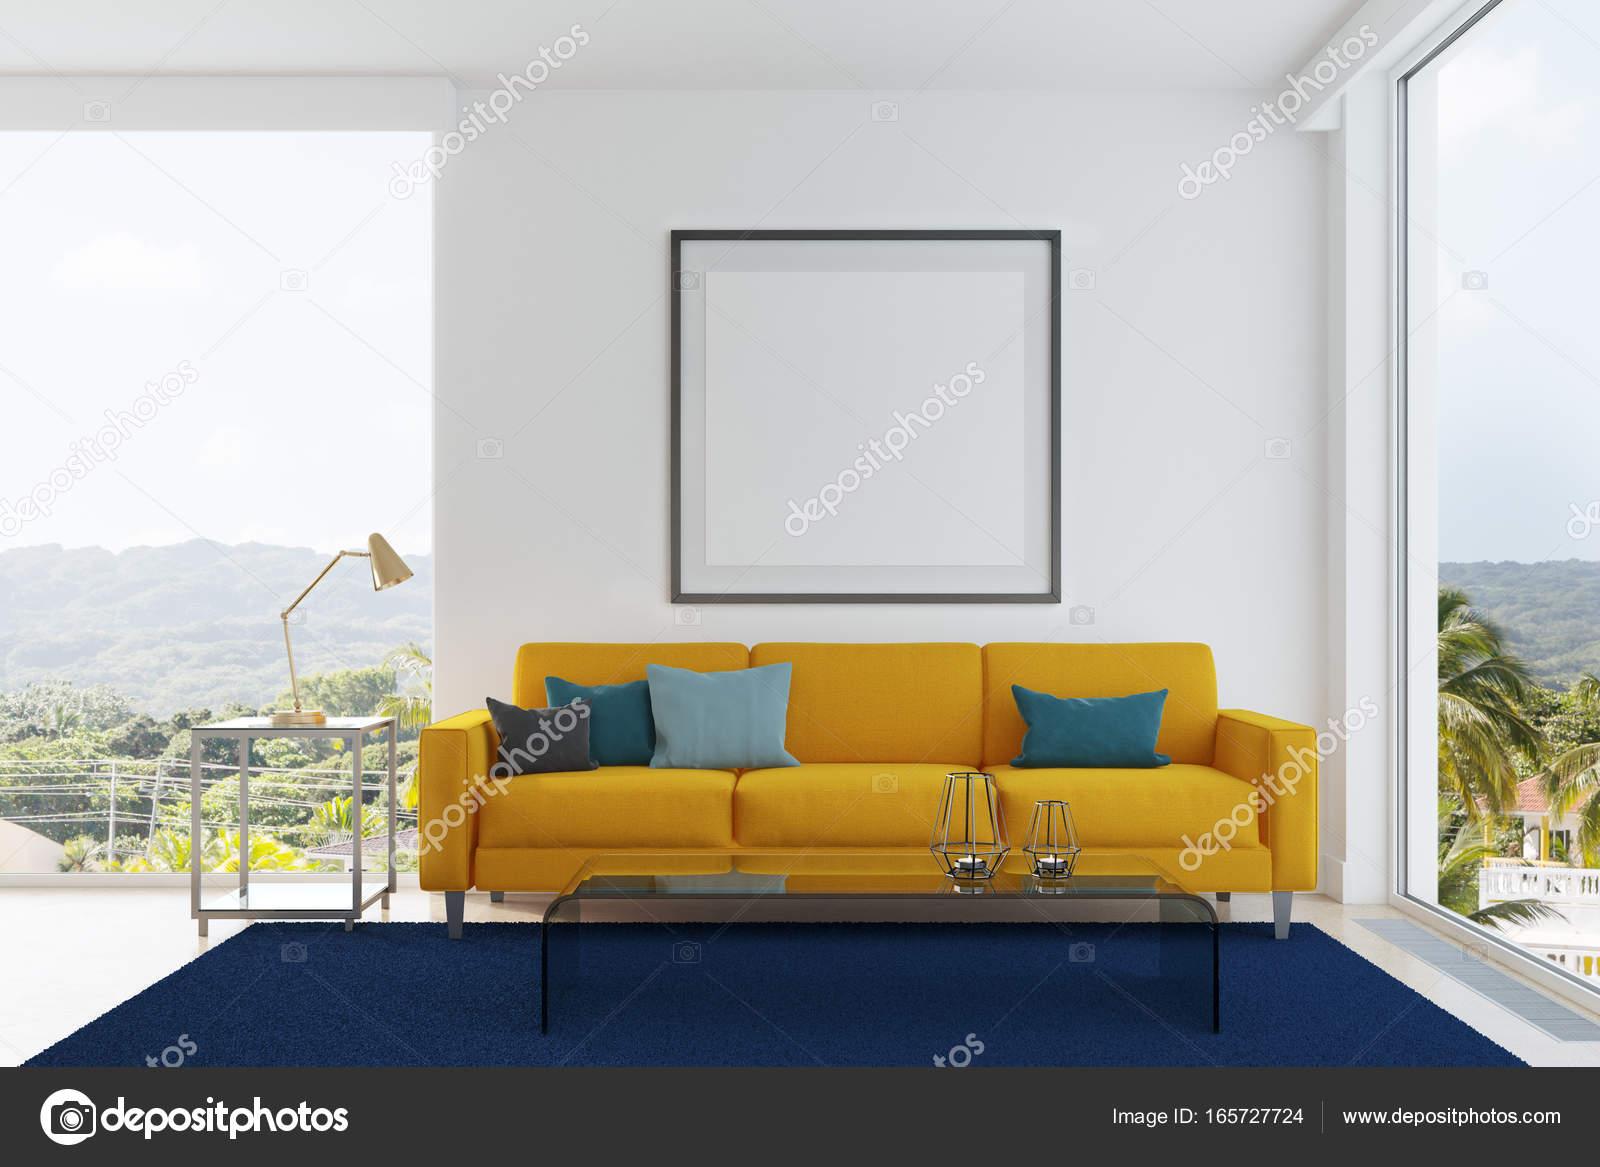 Yellow sofa, blauw en groen kussens woonkamer — Stockfoto ...